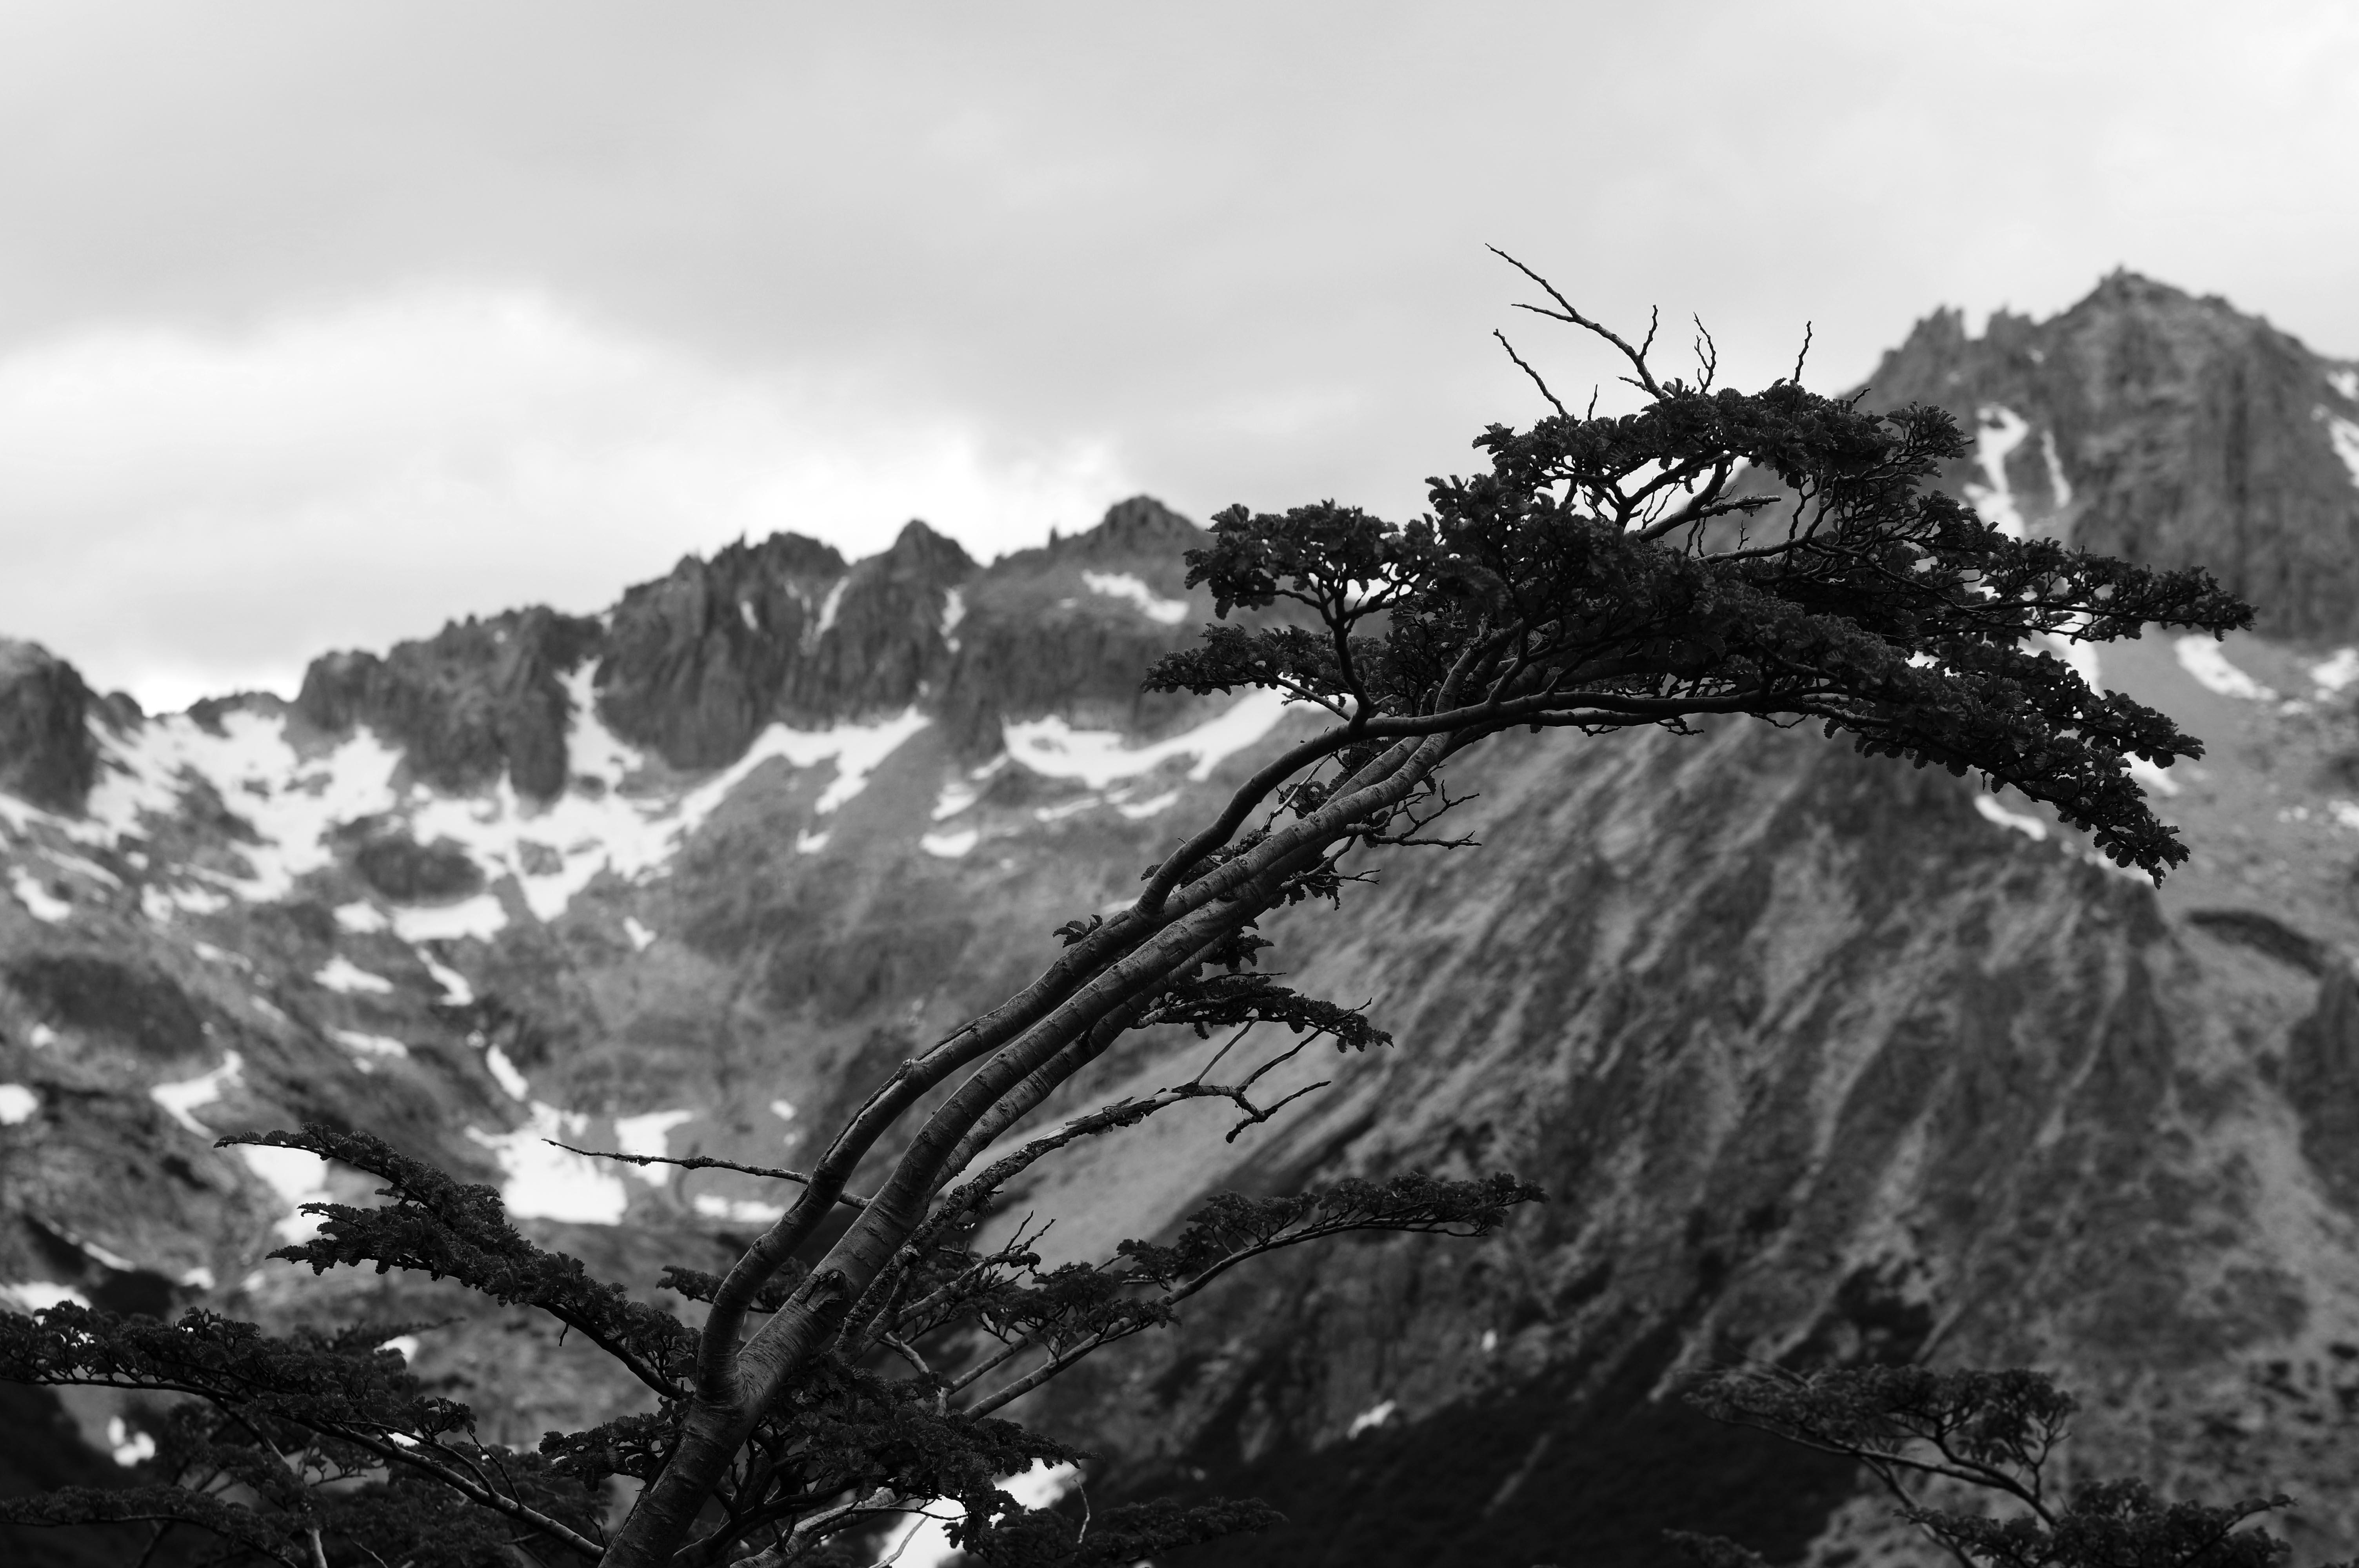 180101_Bariloche-Cerro Catedral41-b&w